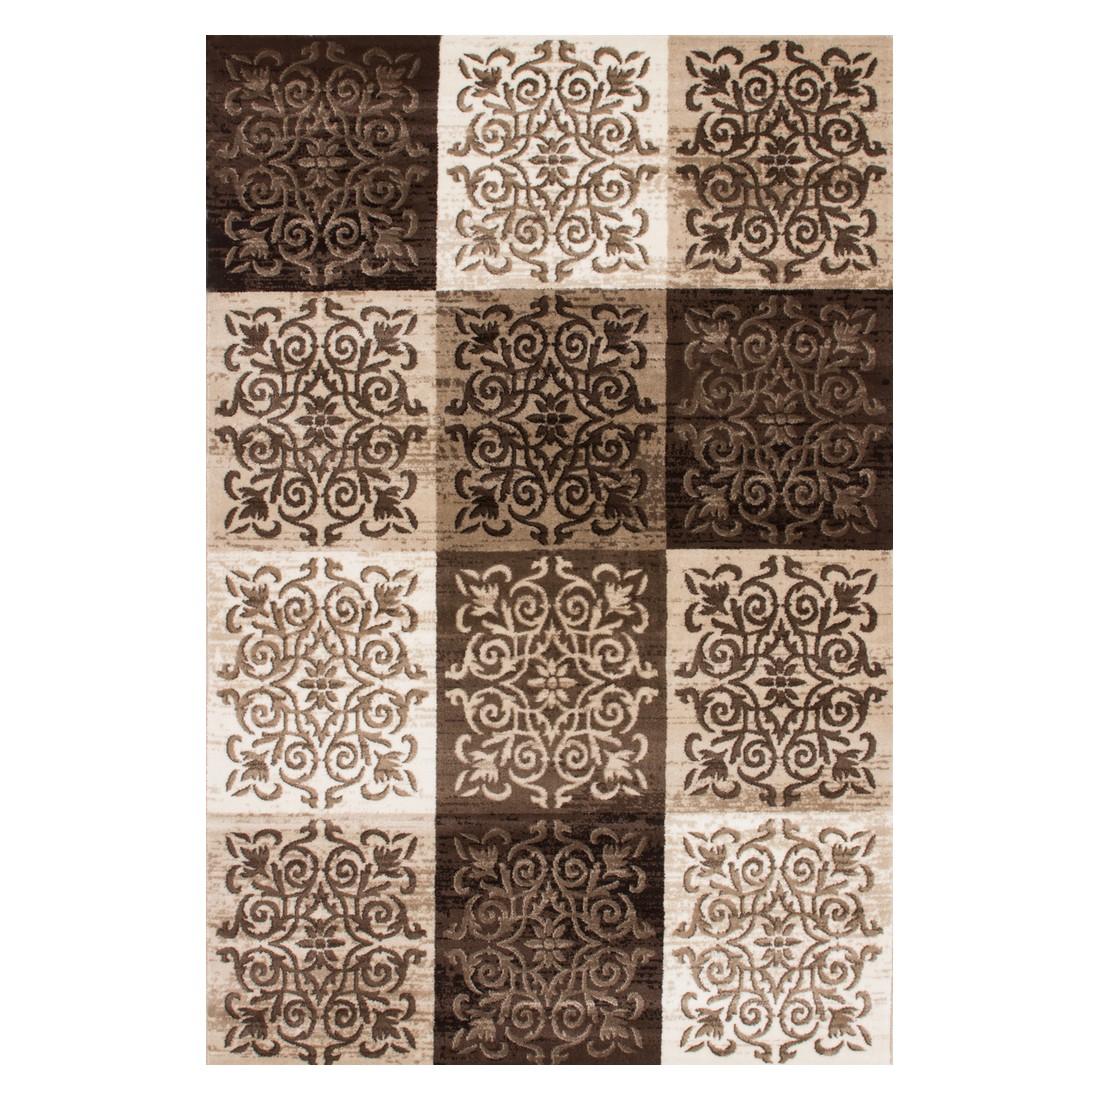 Teppich Field – Beige – 200 x 290 cm, Kayoom kaufen